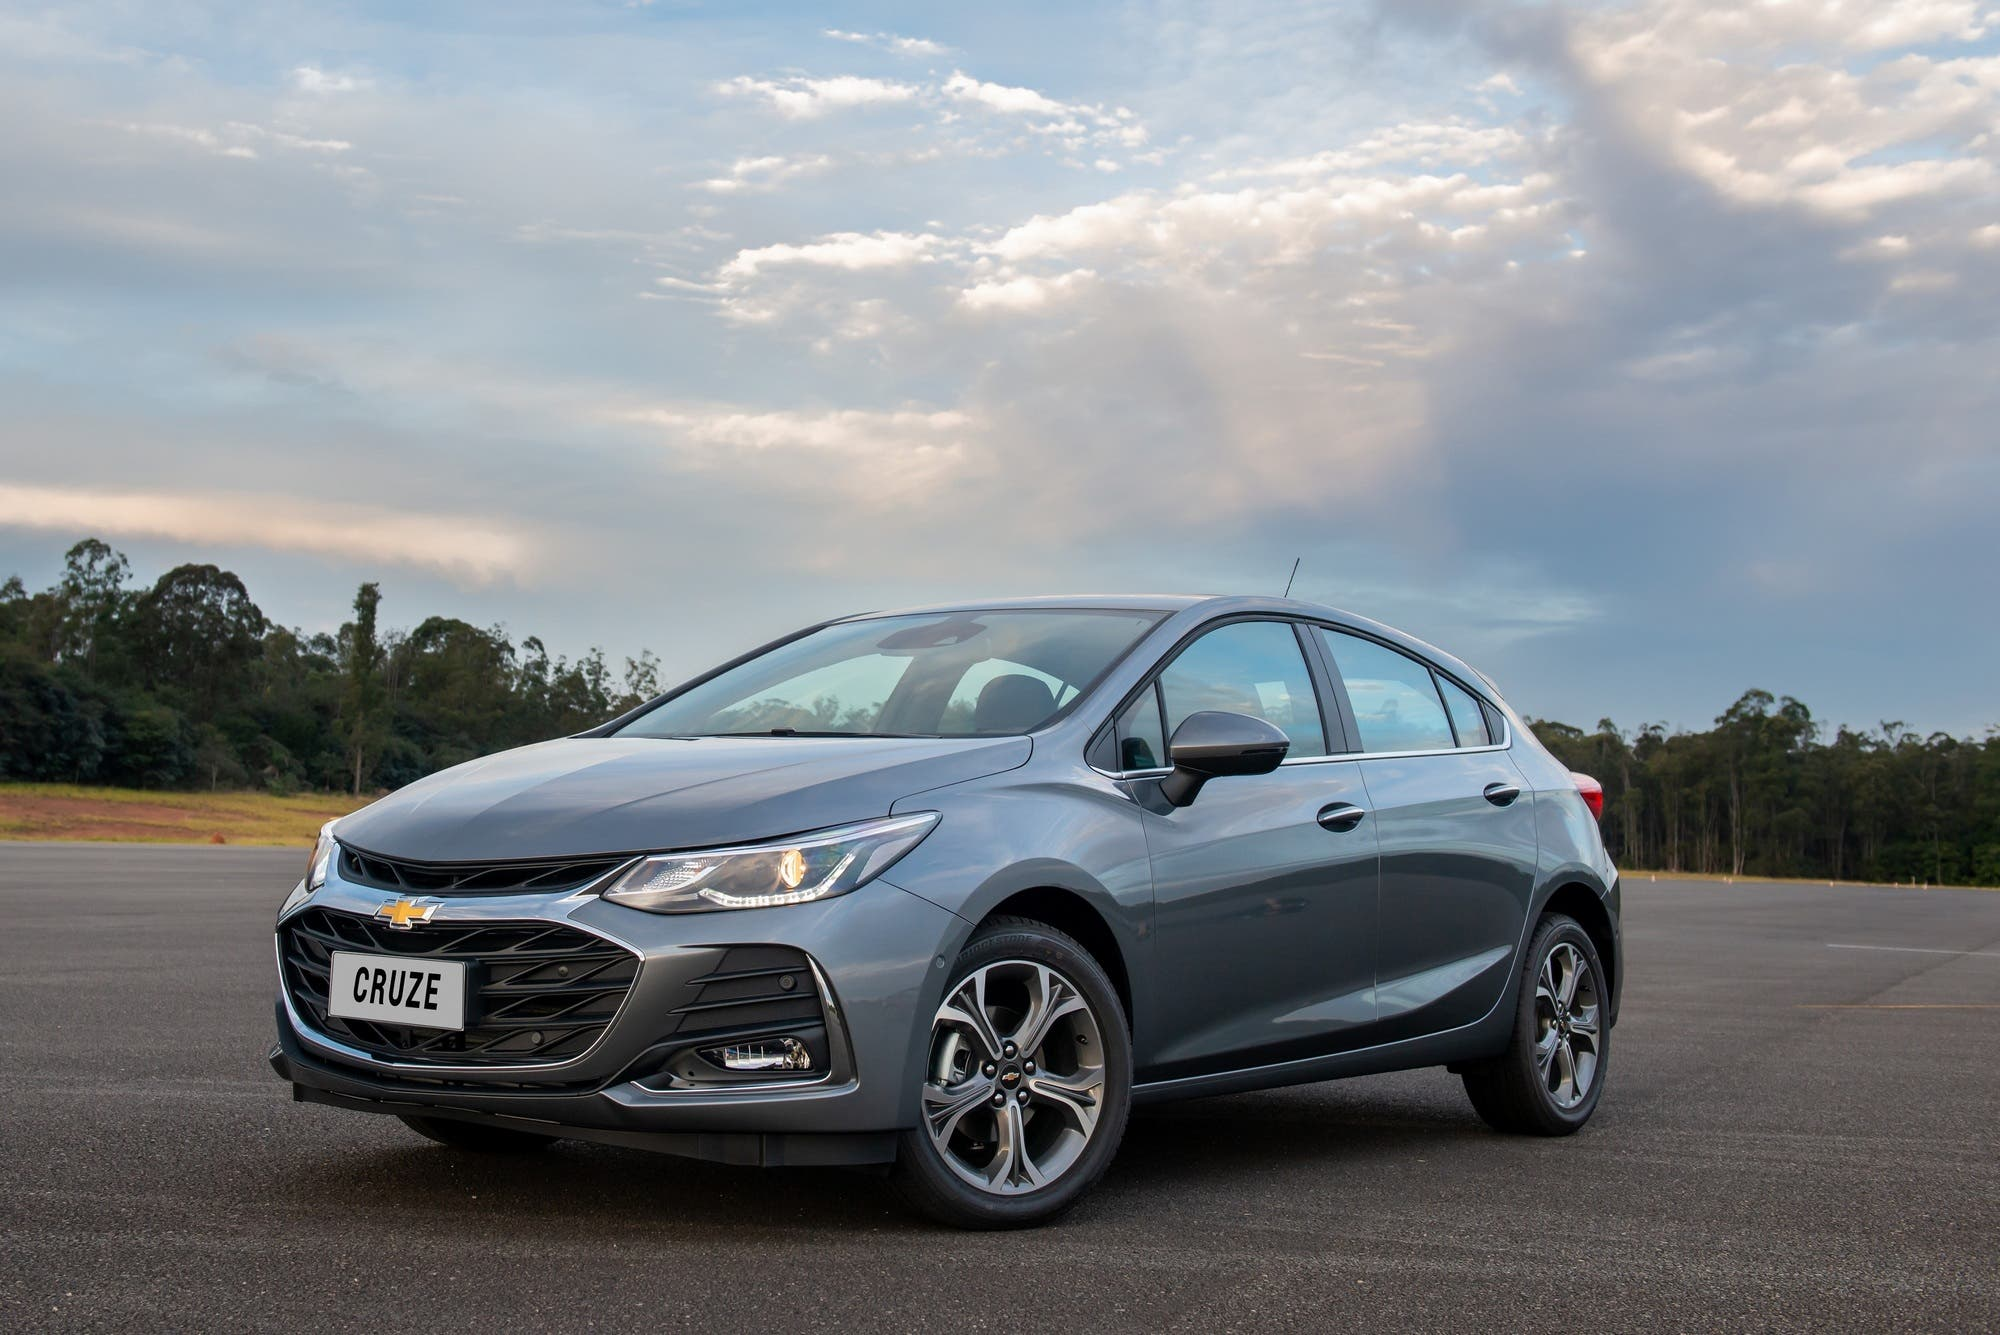 Chevrolet anunció el Cruze Premier, el auto con Wi-Fi y conectividad 4G